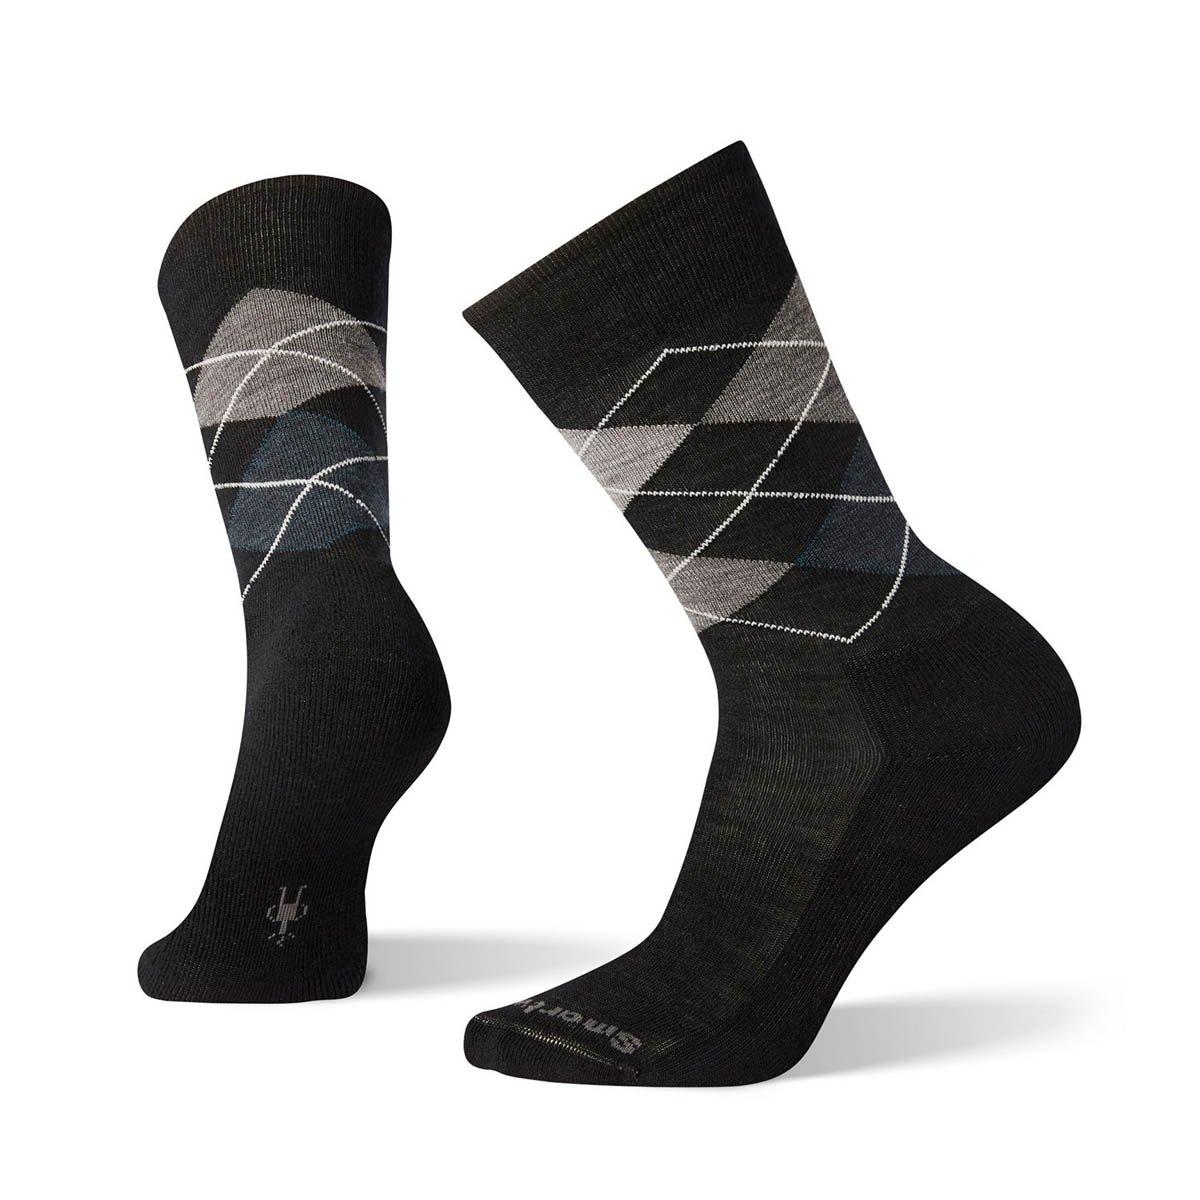 【【蘋果戶外】】Smartwool SW0SW819 016 黑/炭黑 鑽石稜格紋 日常超薄羊毛中筒襪 男襪 美國製造 美麗諾羊毛襪 排汗襪 保暖 吸濕 抗臭